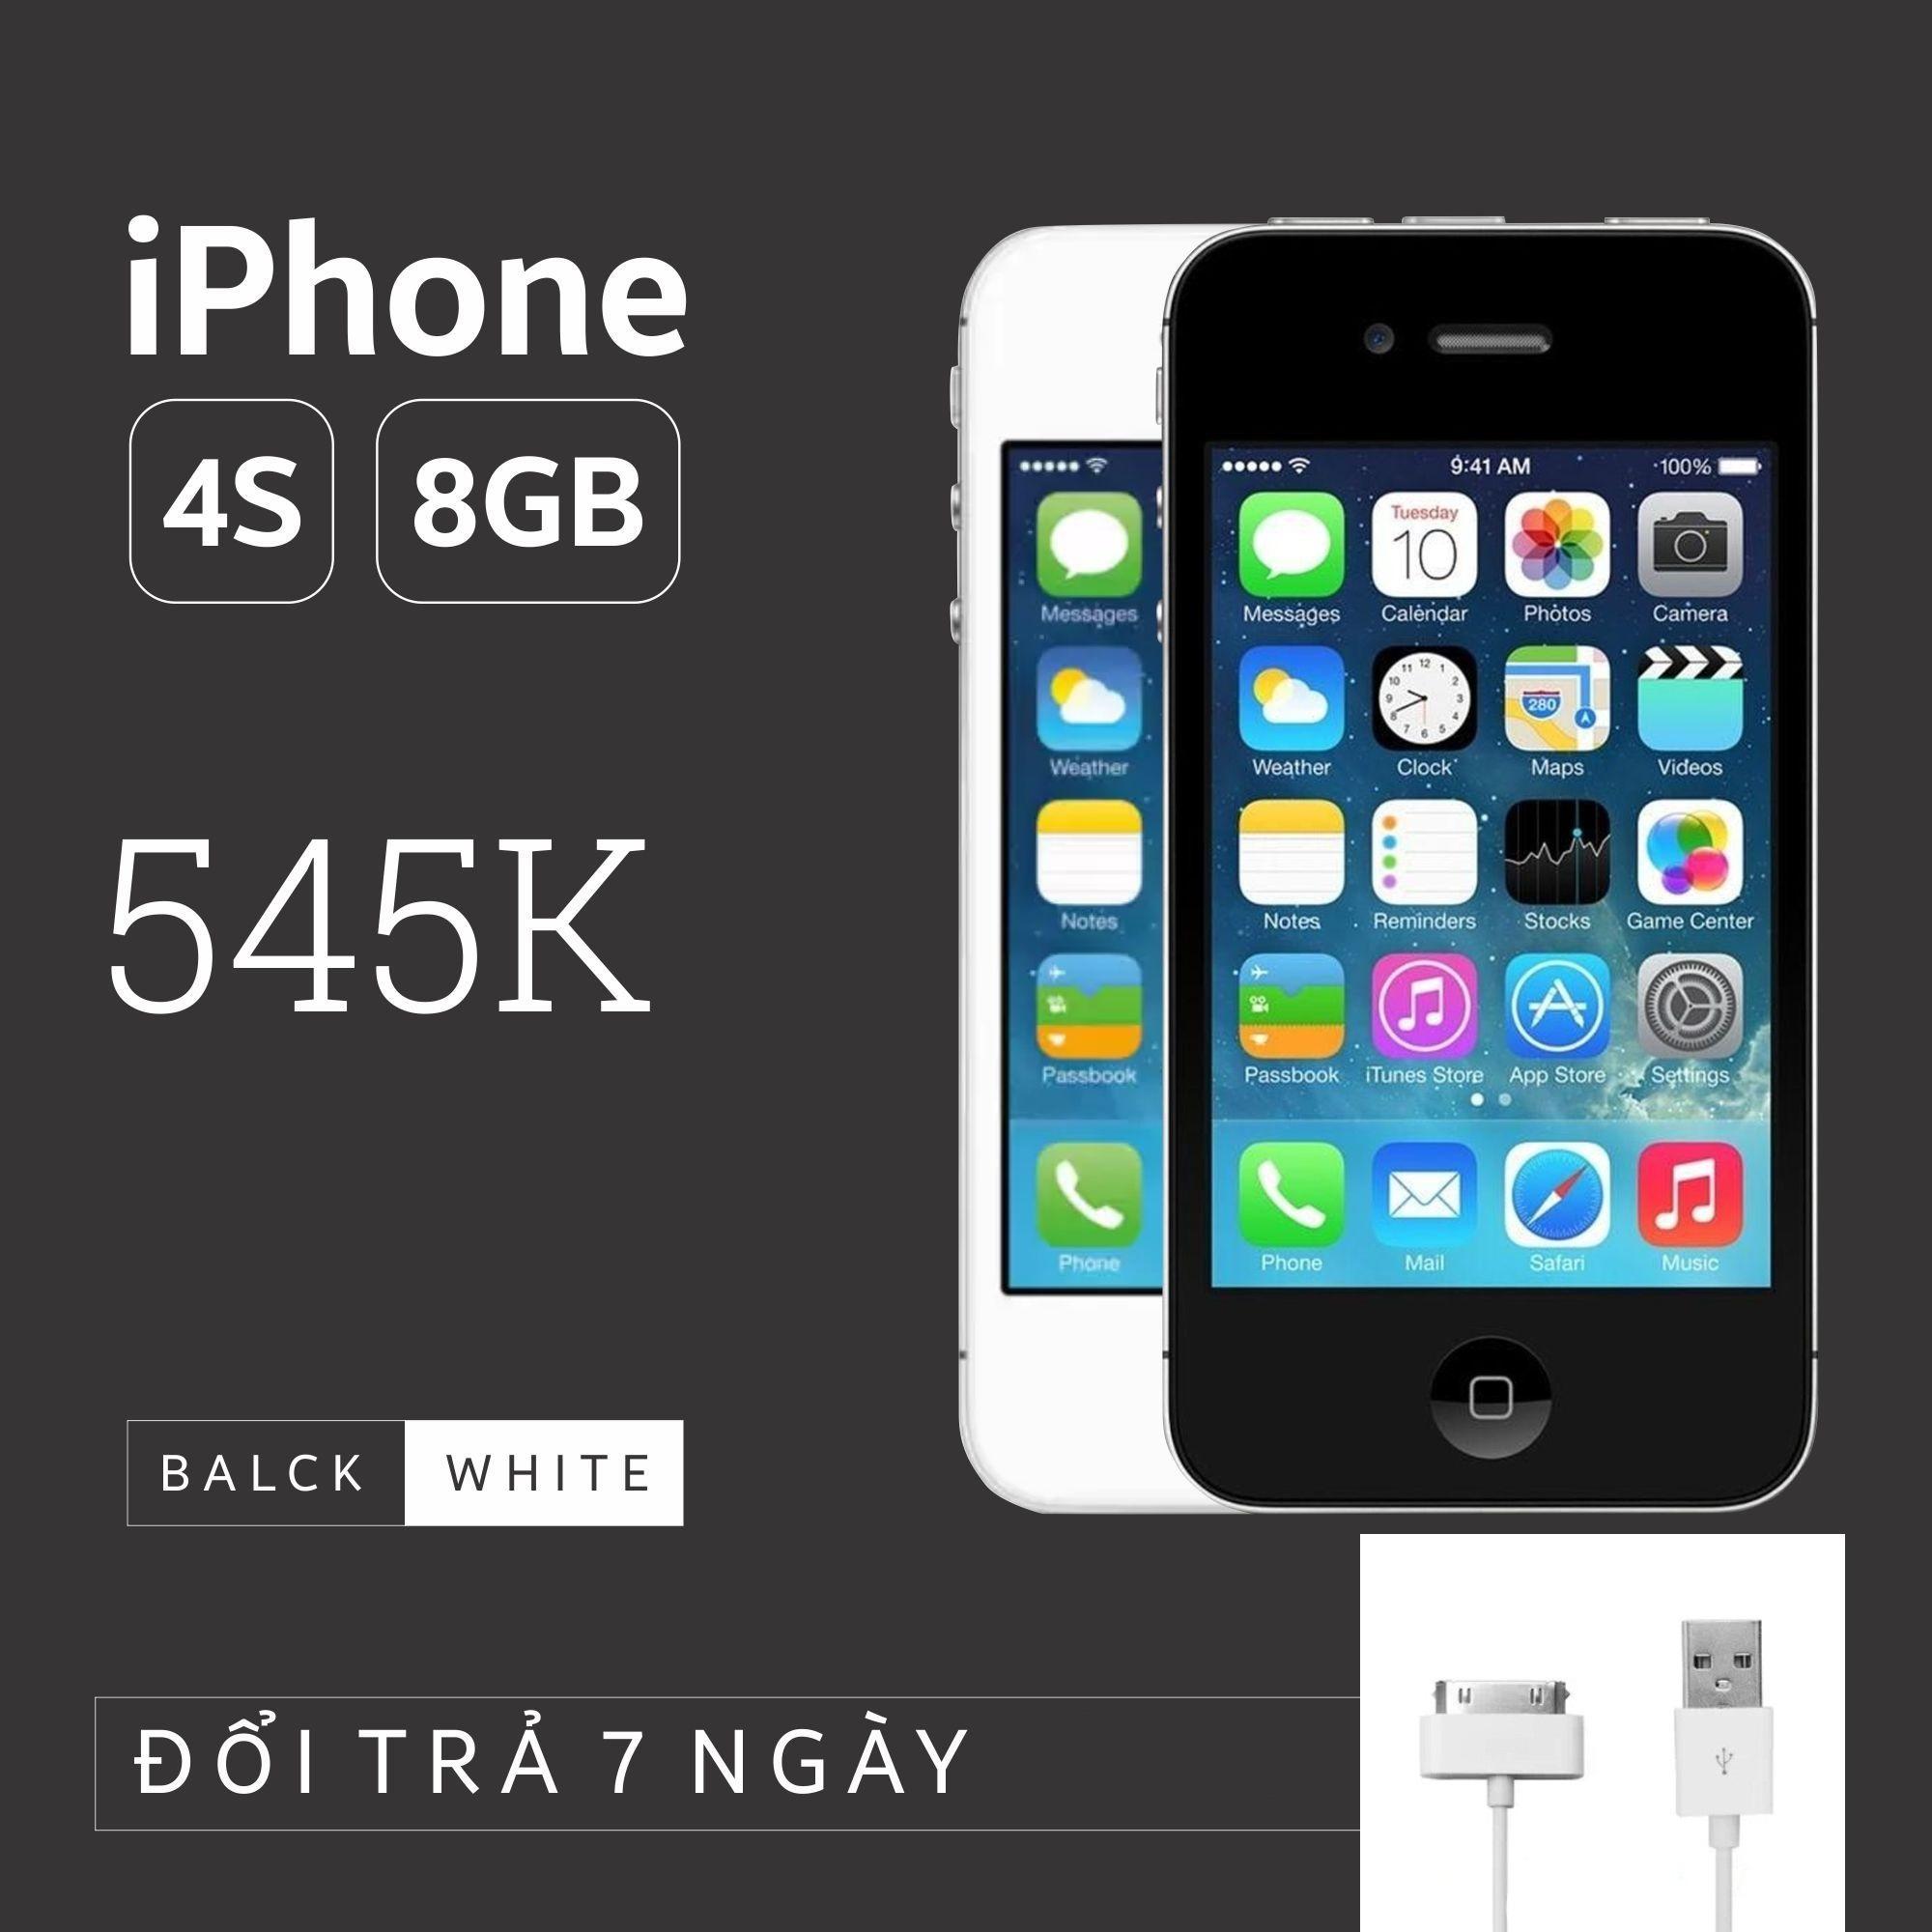 Điện thoại IPHONE 4S-8GB phiên bản quốc tế - Bao đổi trả - Màu ngẫu nhiên - Tặng cáp sạc...